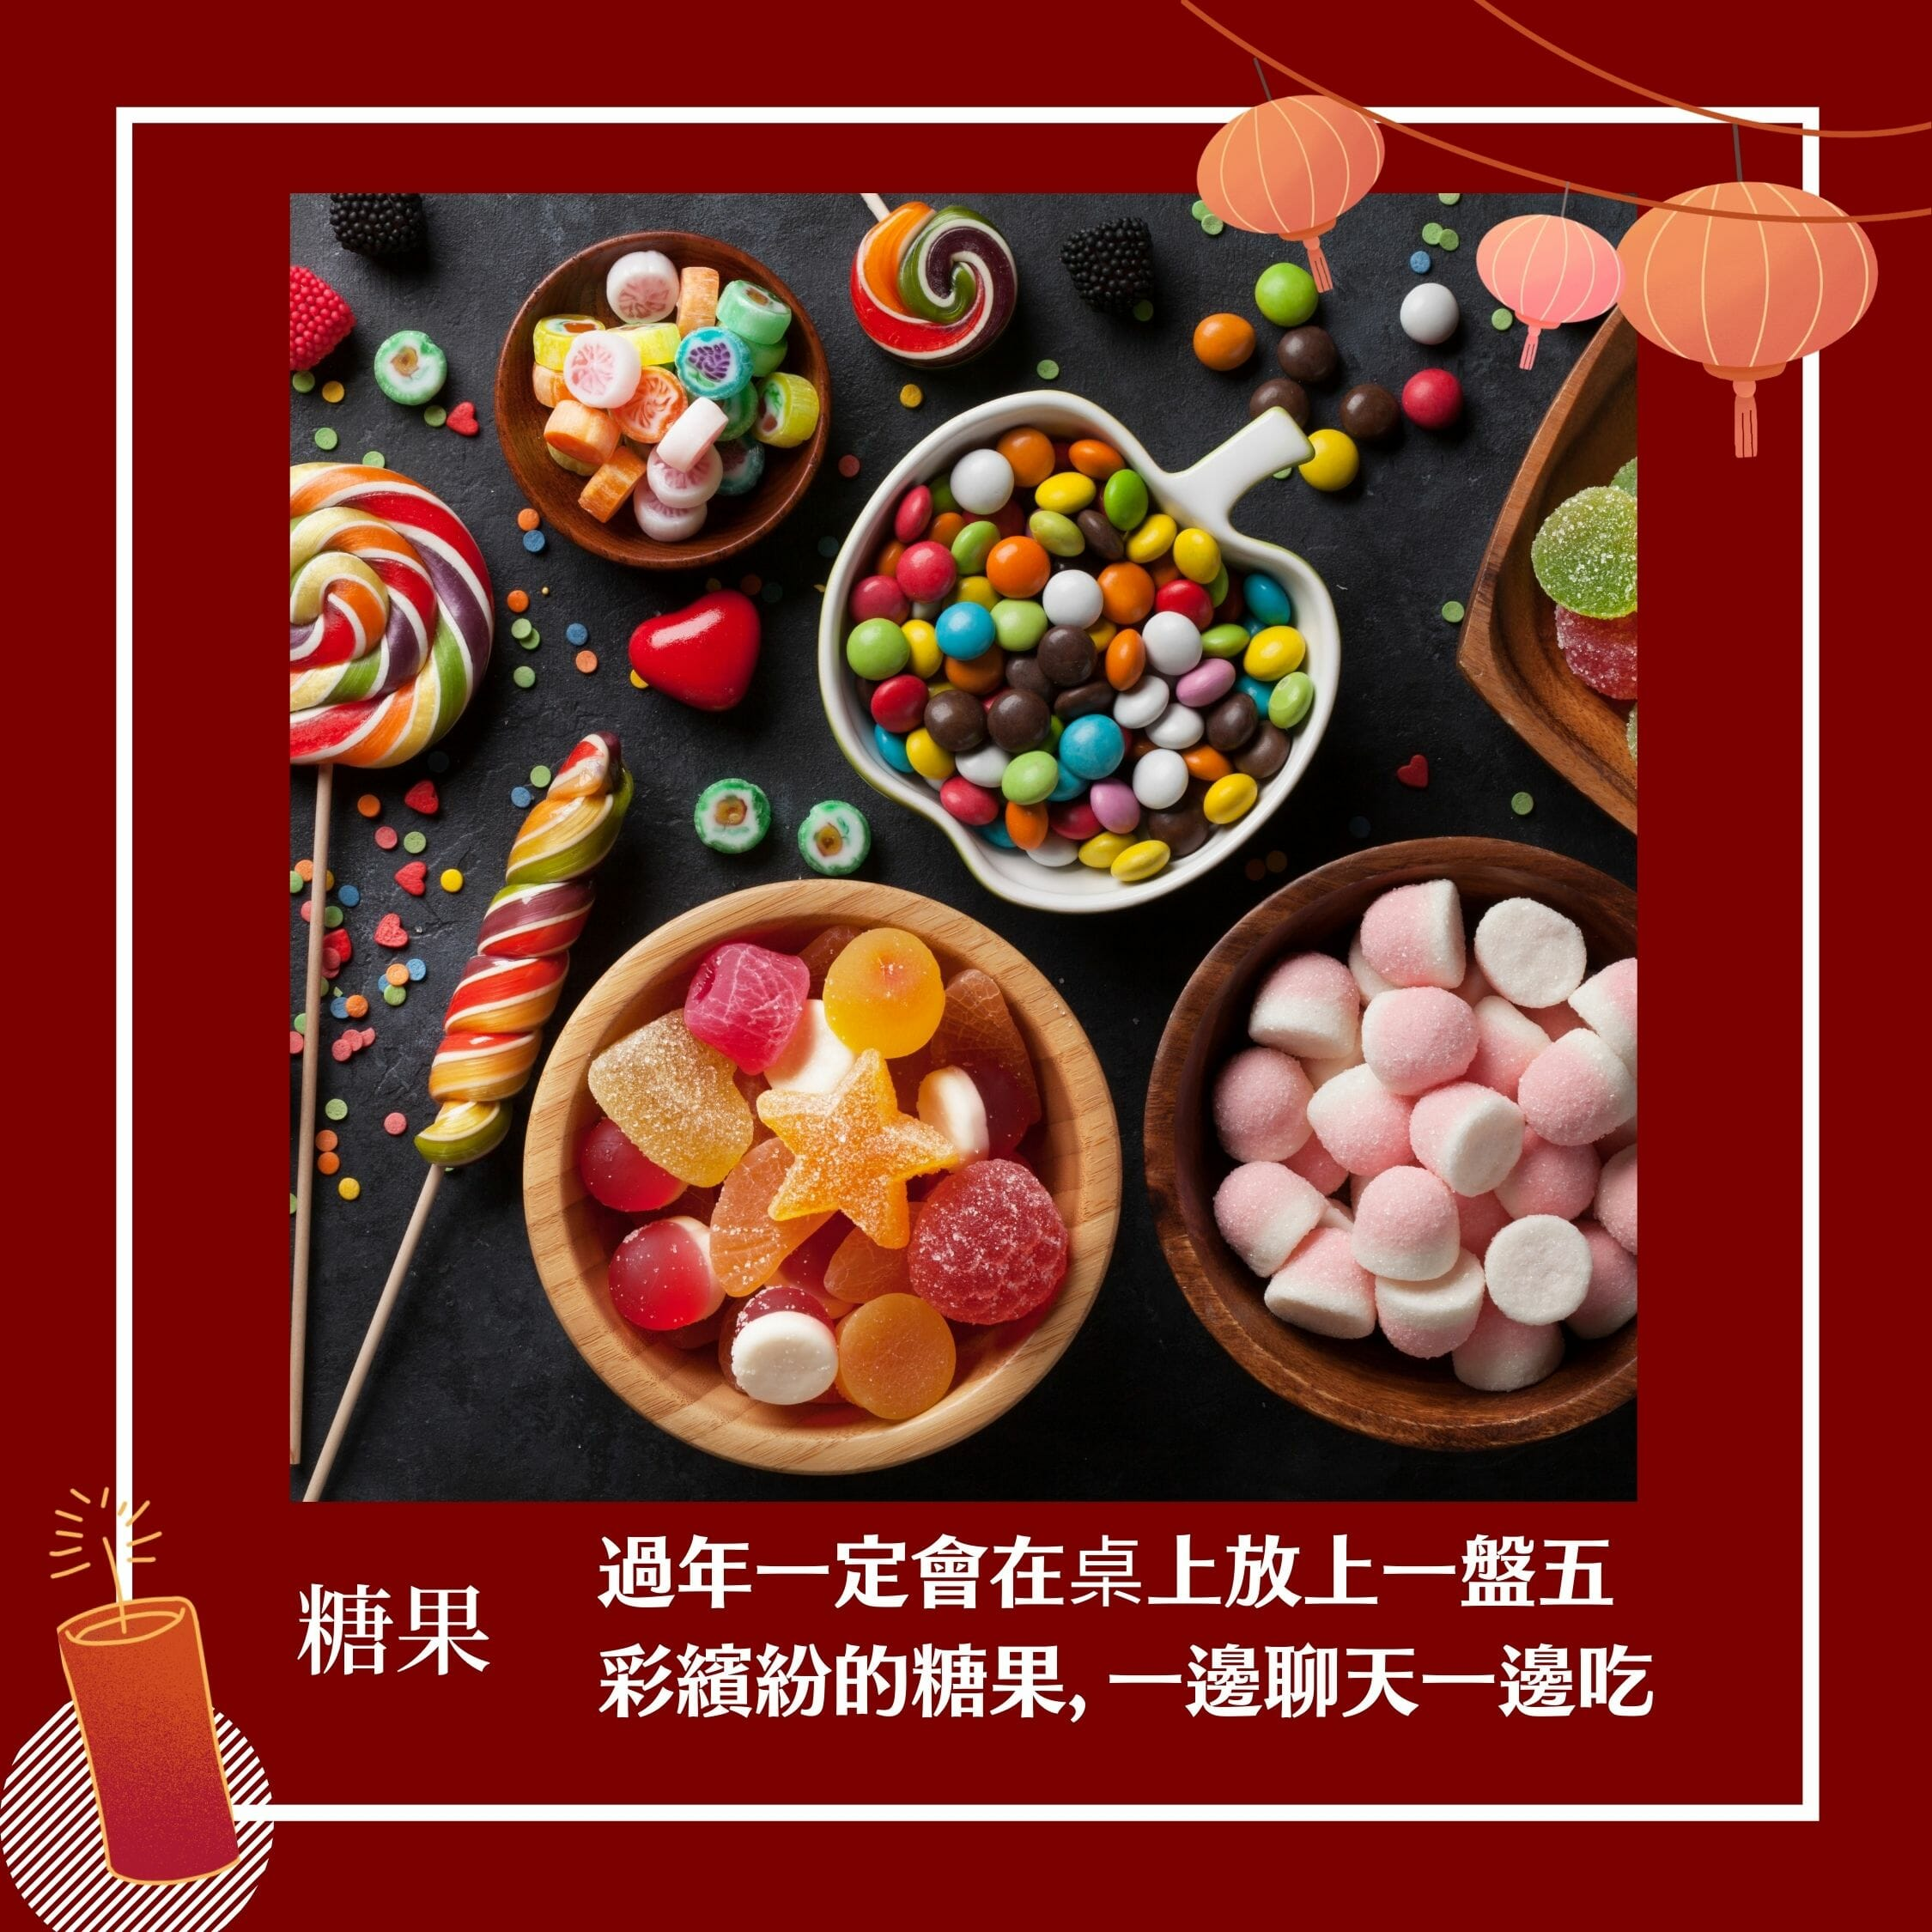 傳統過年必備糖果推薦 - 2